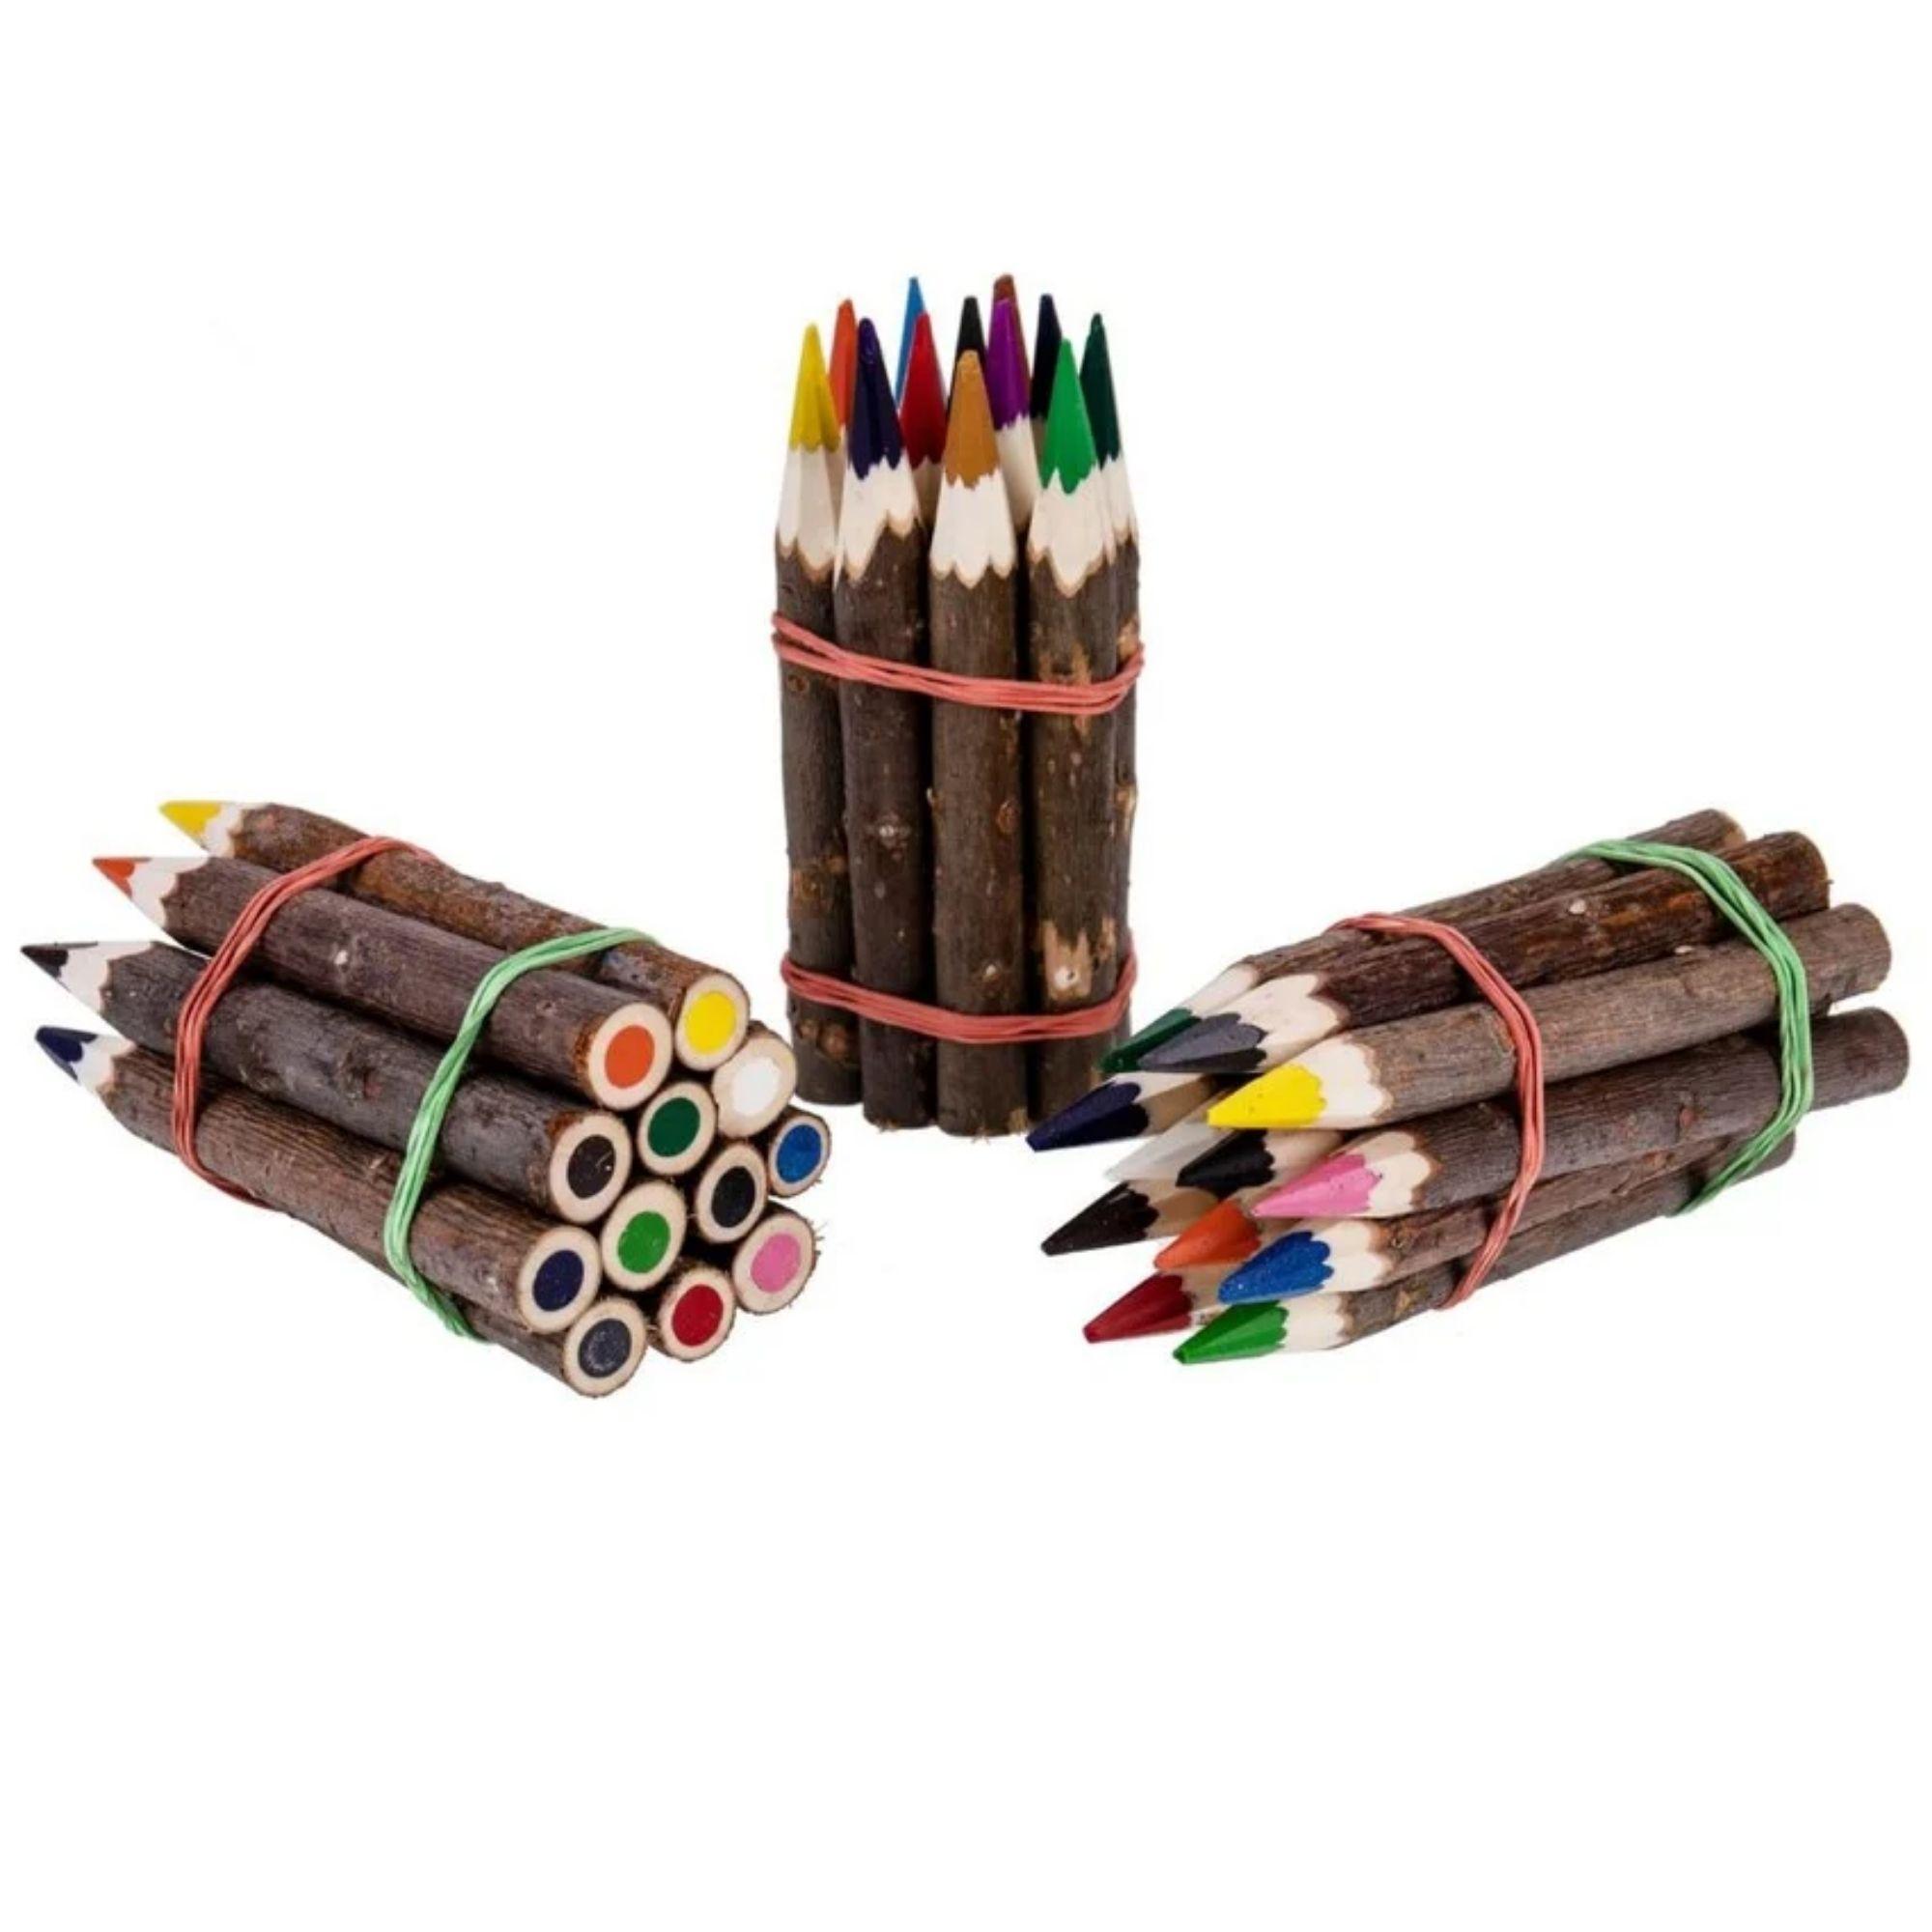 Holz Buntstifte mit Rinde - Geschenk für Kinder blanko